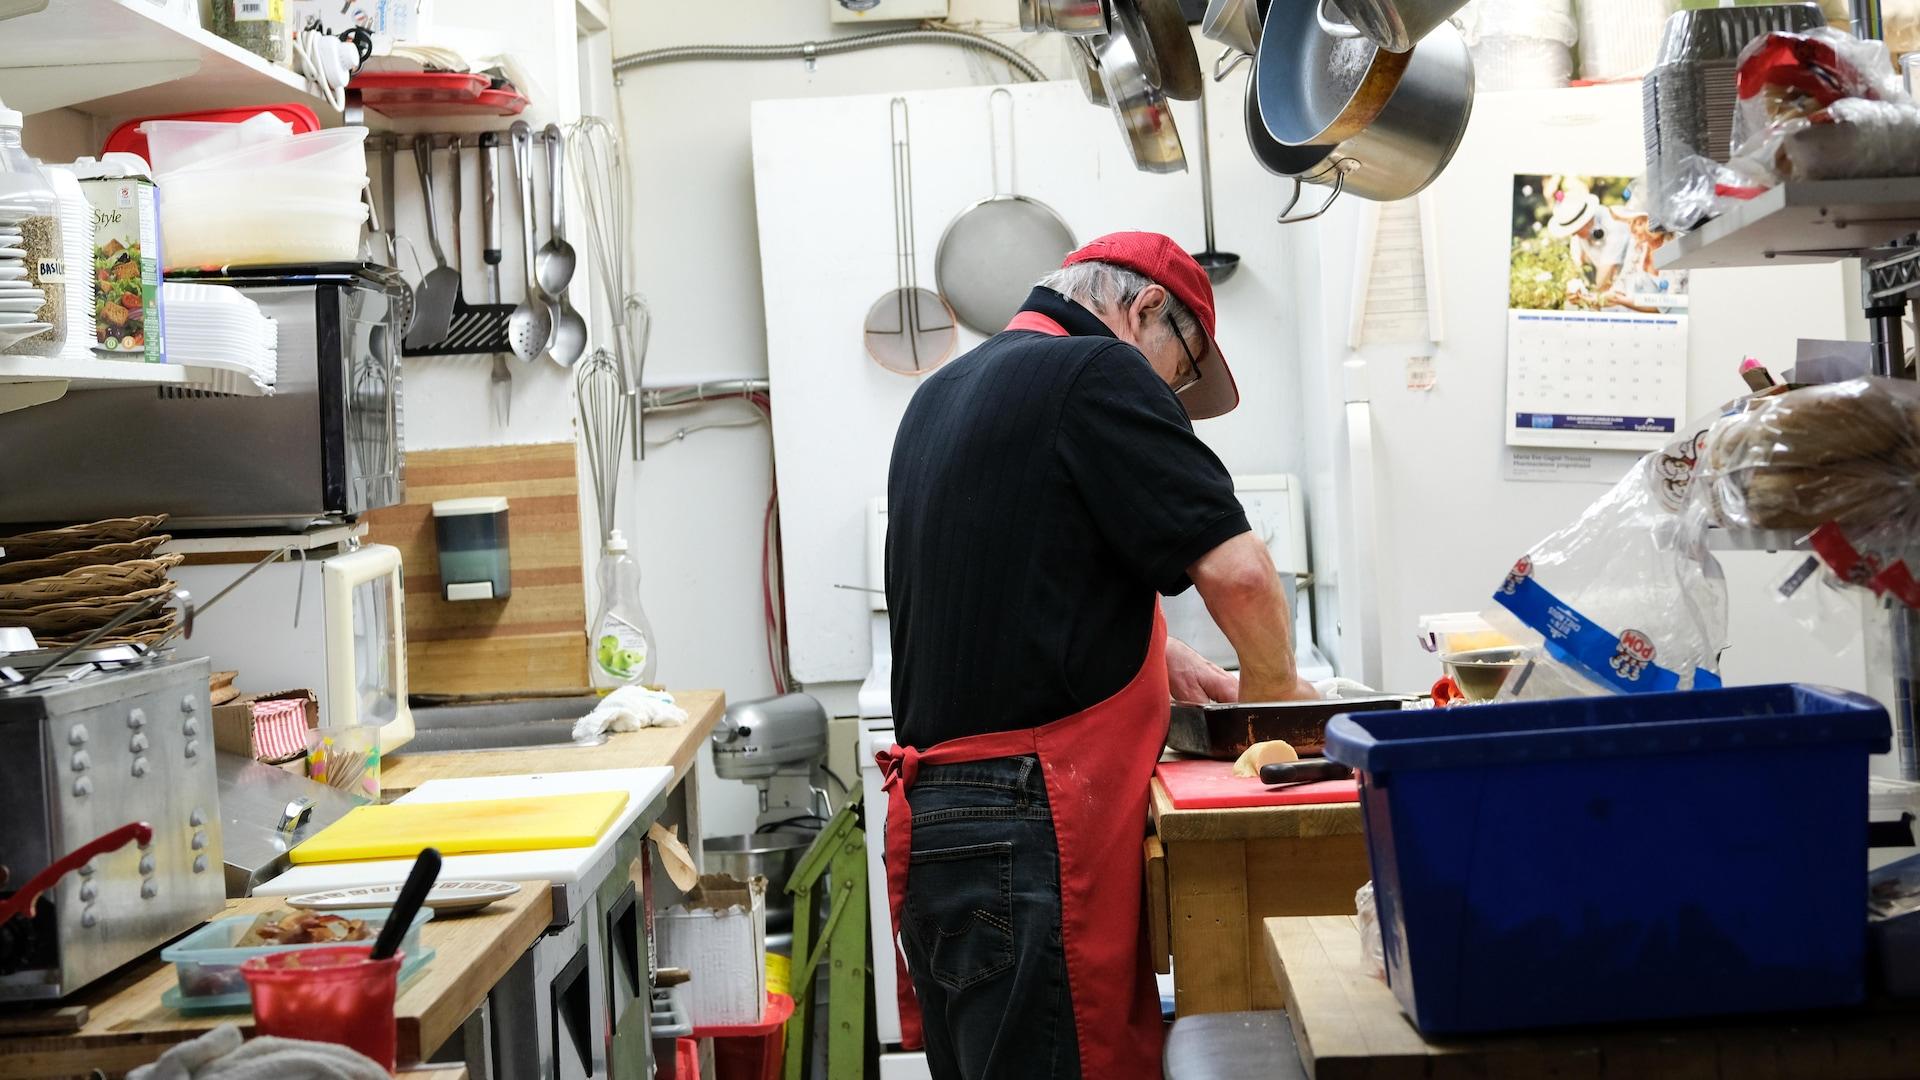 Enseignant en cuisine, il a quitté la Pologne à la fin des années 80 pendant la guerre civile pour se réfugier à Québec.